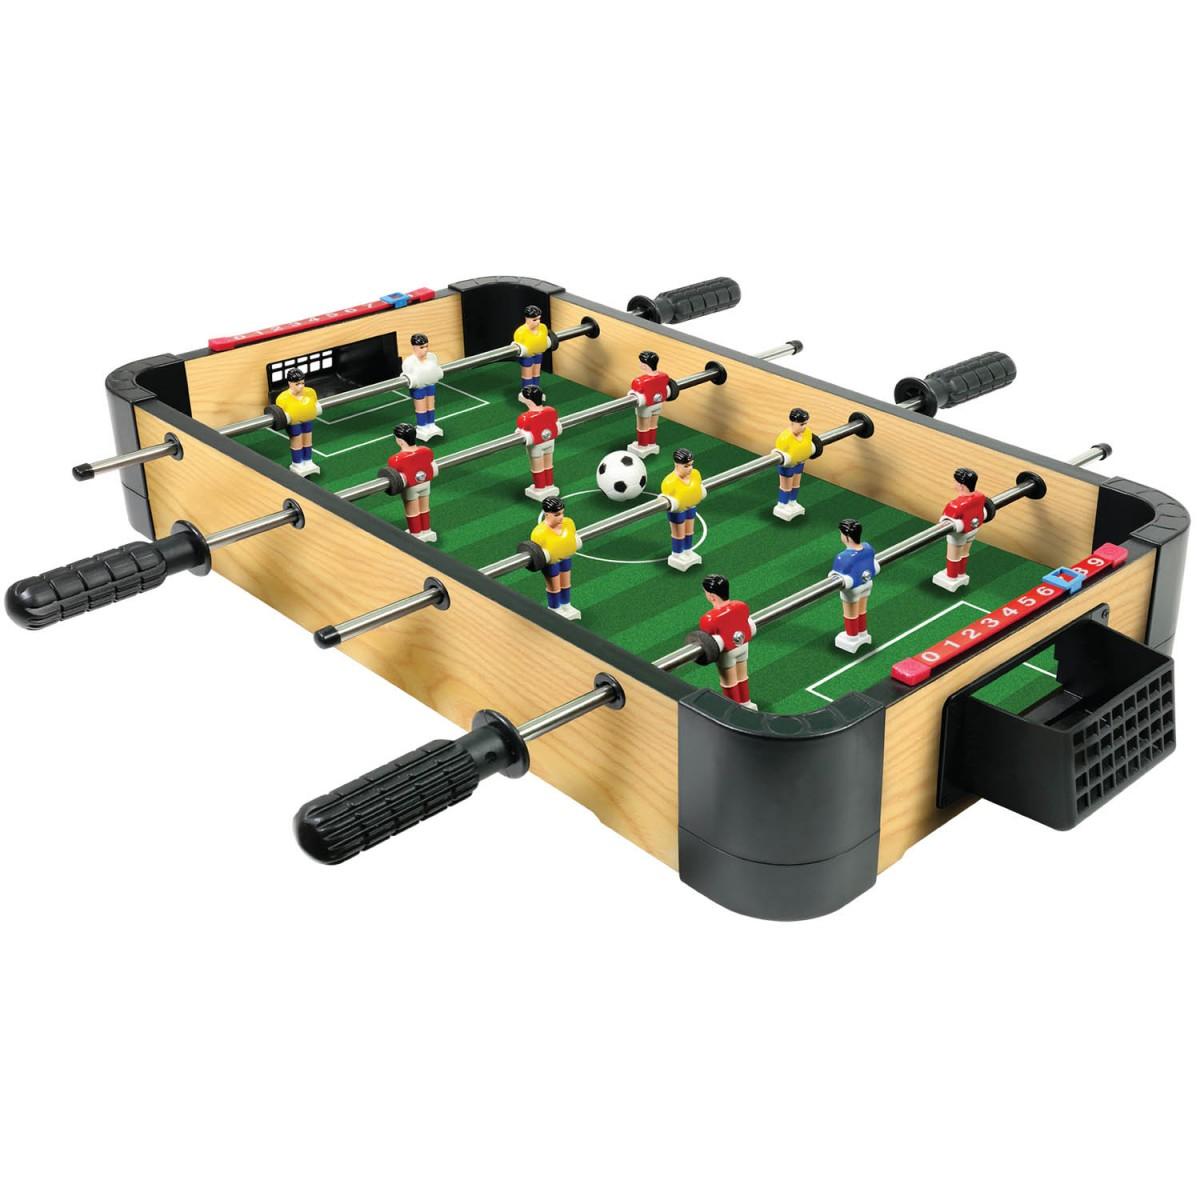 20 50cm Tabletop Football Foosball Soccer